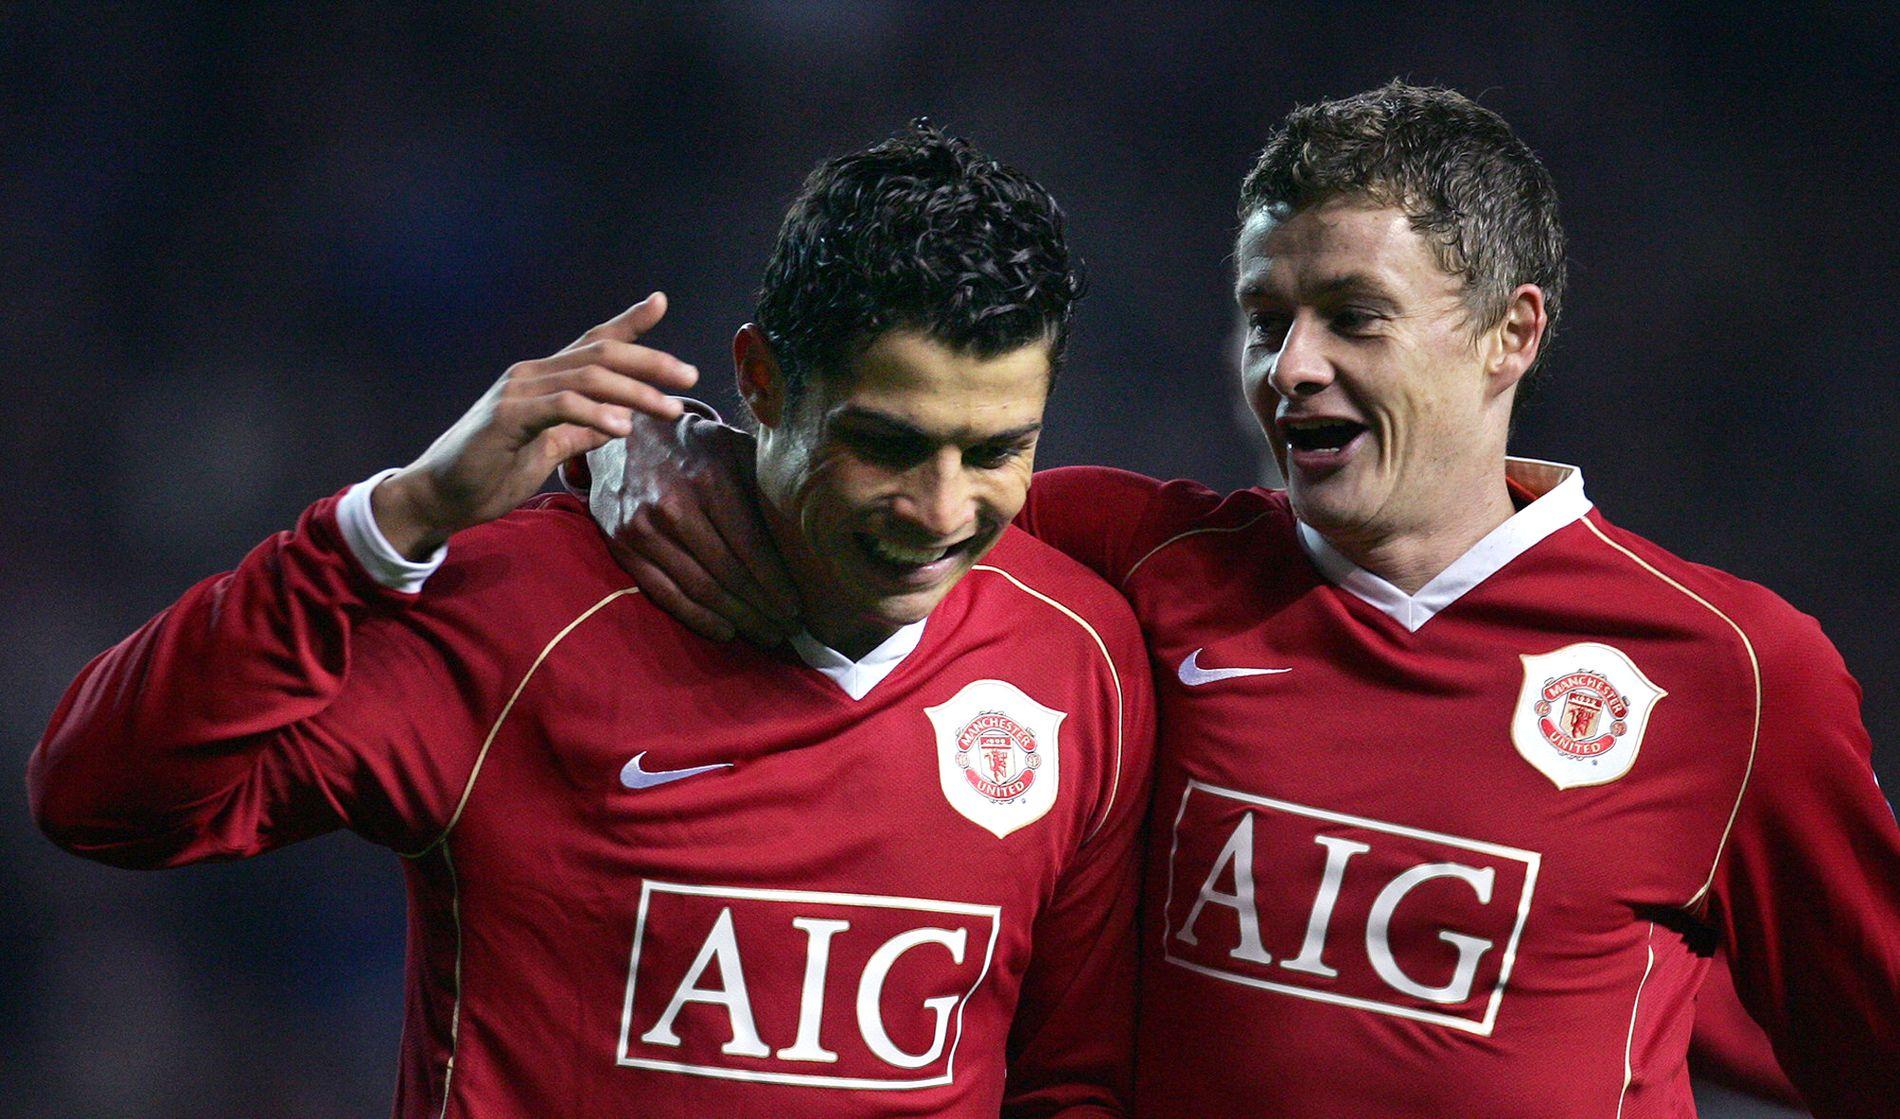 SLÅR RONALDO: Her jubler Cristiano Ronaldo og Ole Gunnar Solskjær sammen for mål mot Wigan i 2006. Statistikken viser at Solskjærs effektivitetstall er bedre enn de aller, aller fleste i PL-historien. Deriblant Ronaldo.